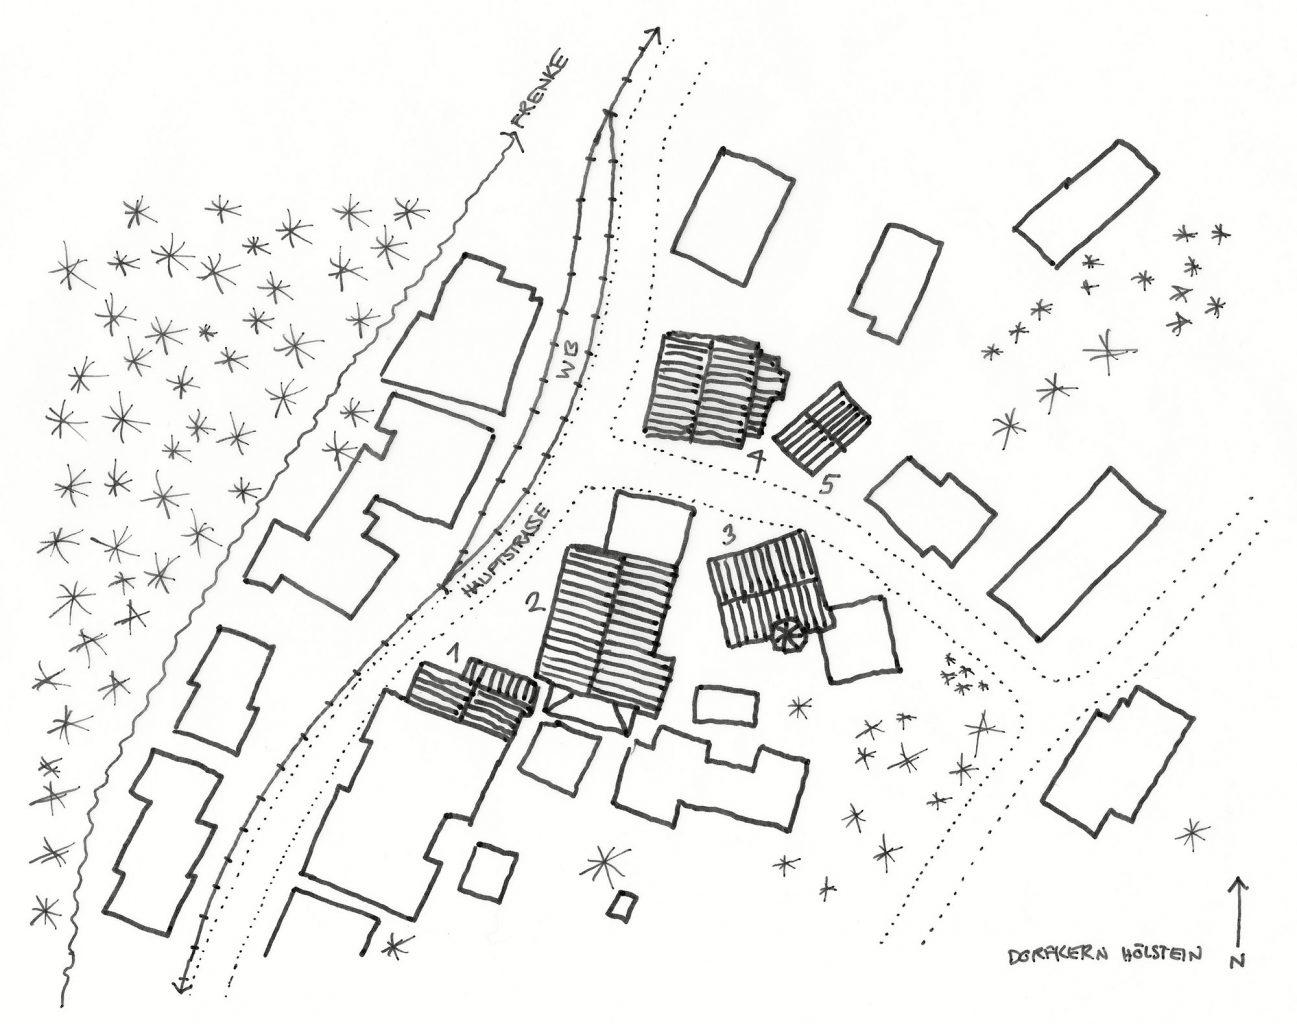 Dorkern: 1) Bauernhaus 2) Zehntenscheune 3) Neuhaus 4) Rössli 5) Rössli-Scheune, Hölstein © Architektur Basel